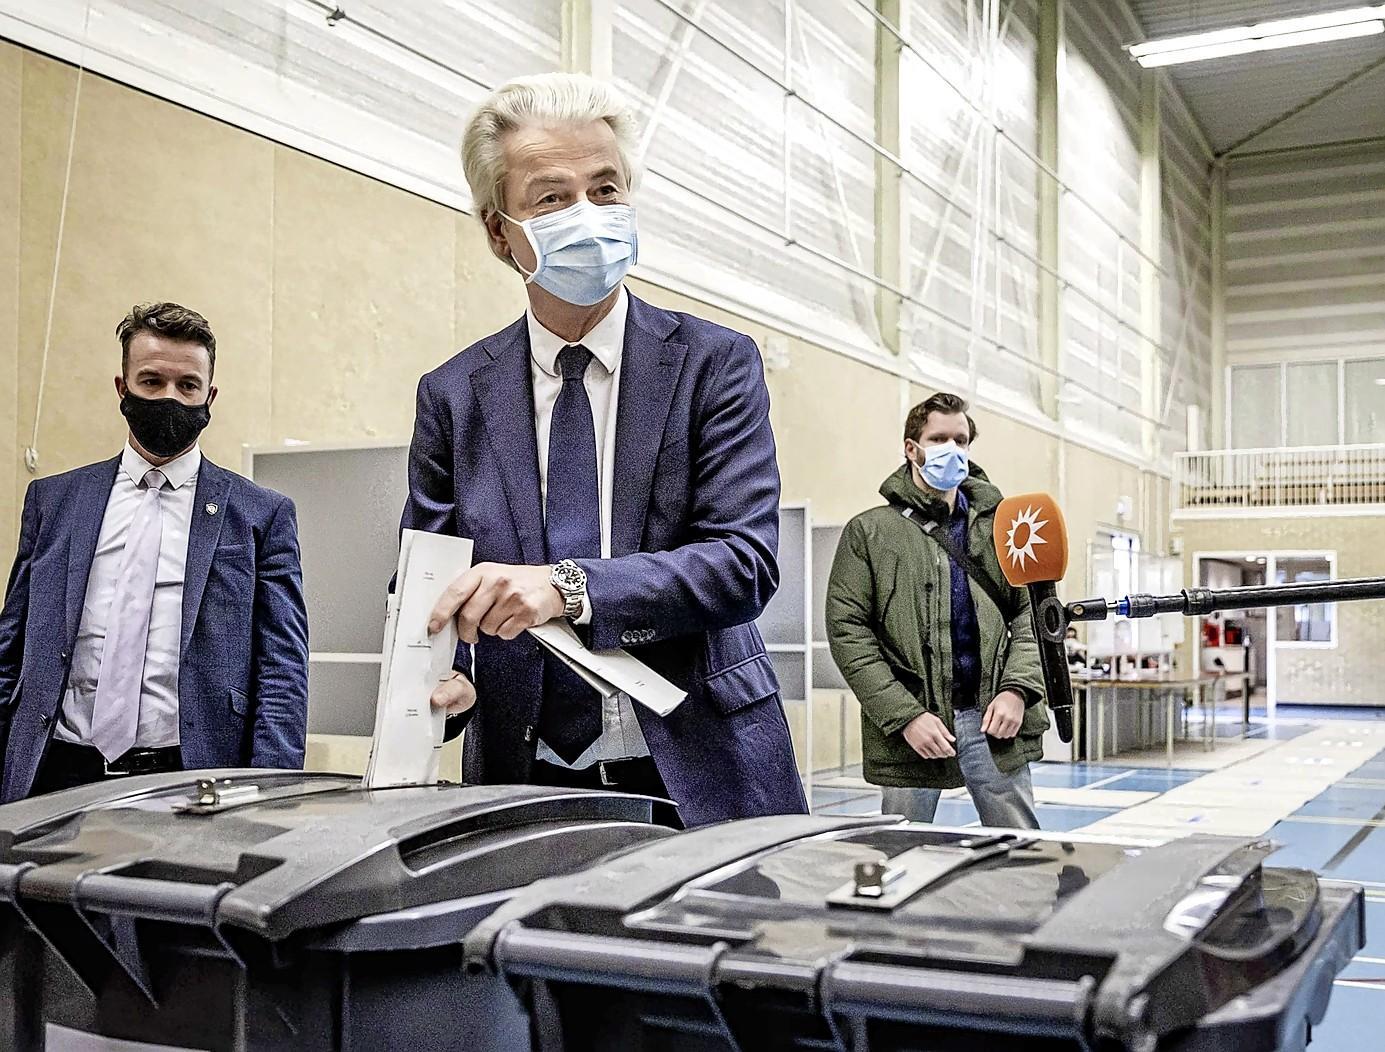 Bedenkelijk dat het racistische verkiezingsprogramma van de PVV niet tot meer ophef leidt | opinie